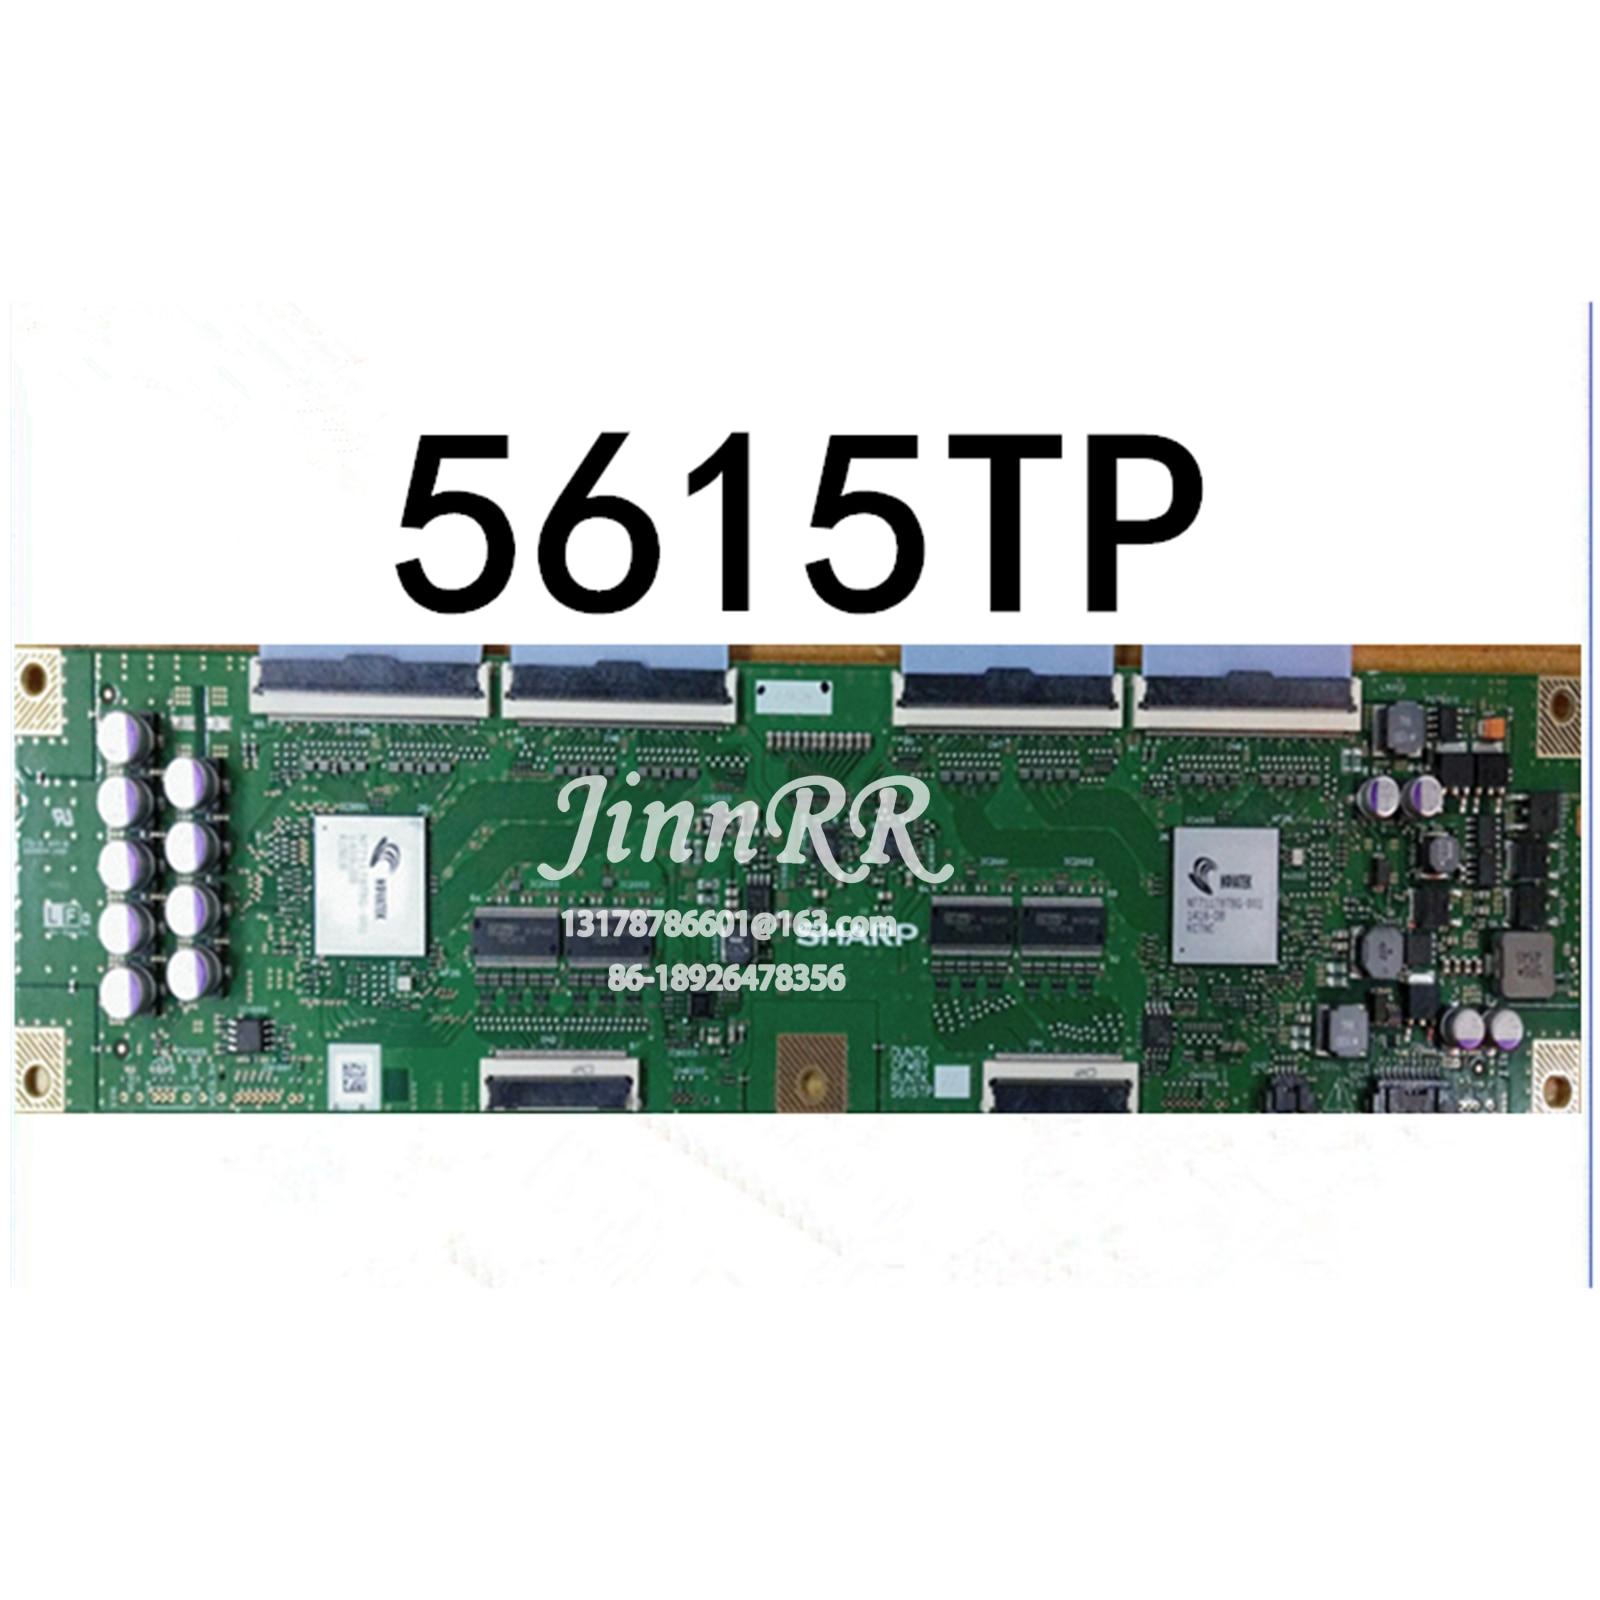 5615TP4K الأصلي اللاسلكية ل 5615TP4K المنطق مجلس اختبار صارم ضمان الجودة